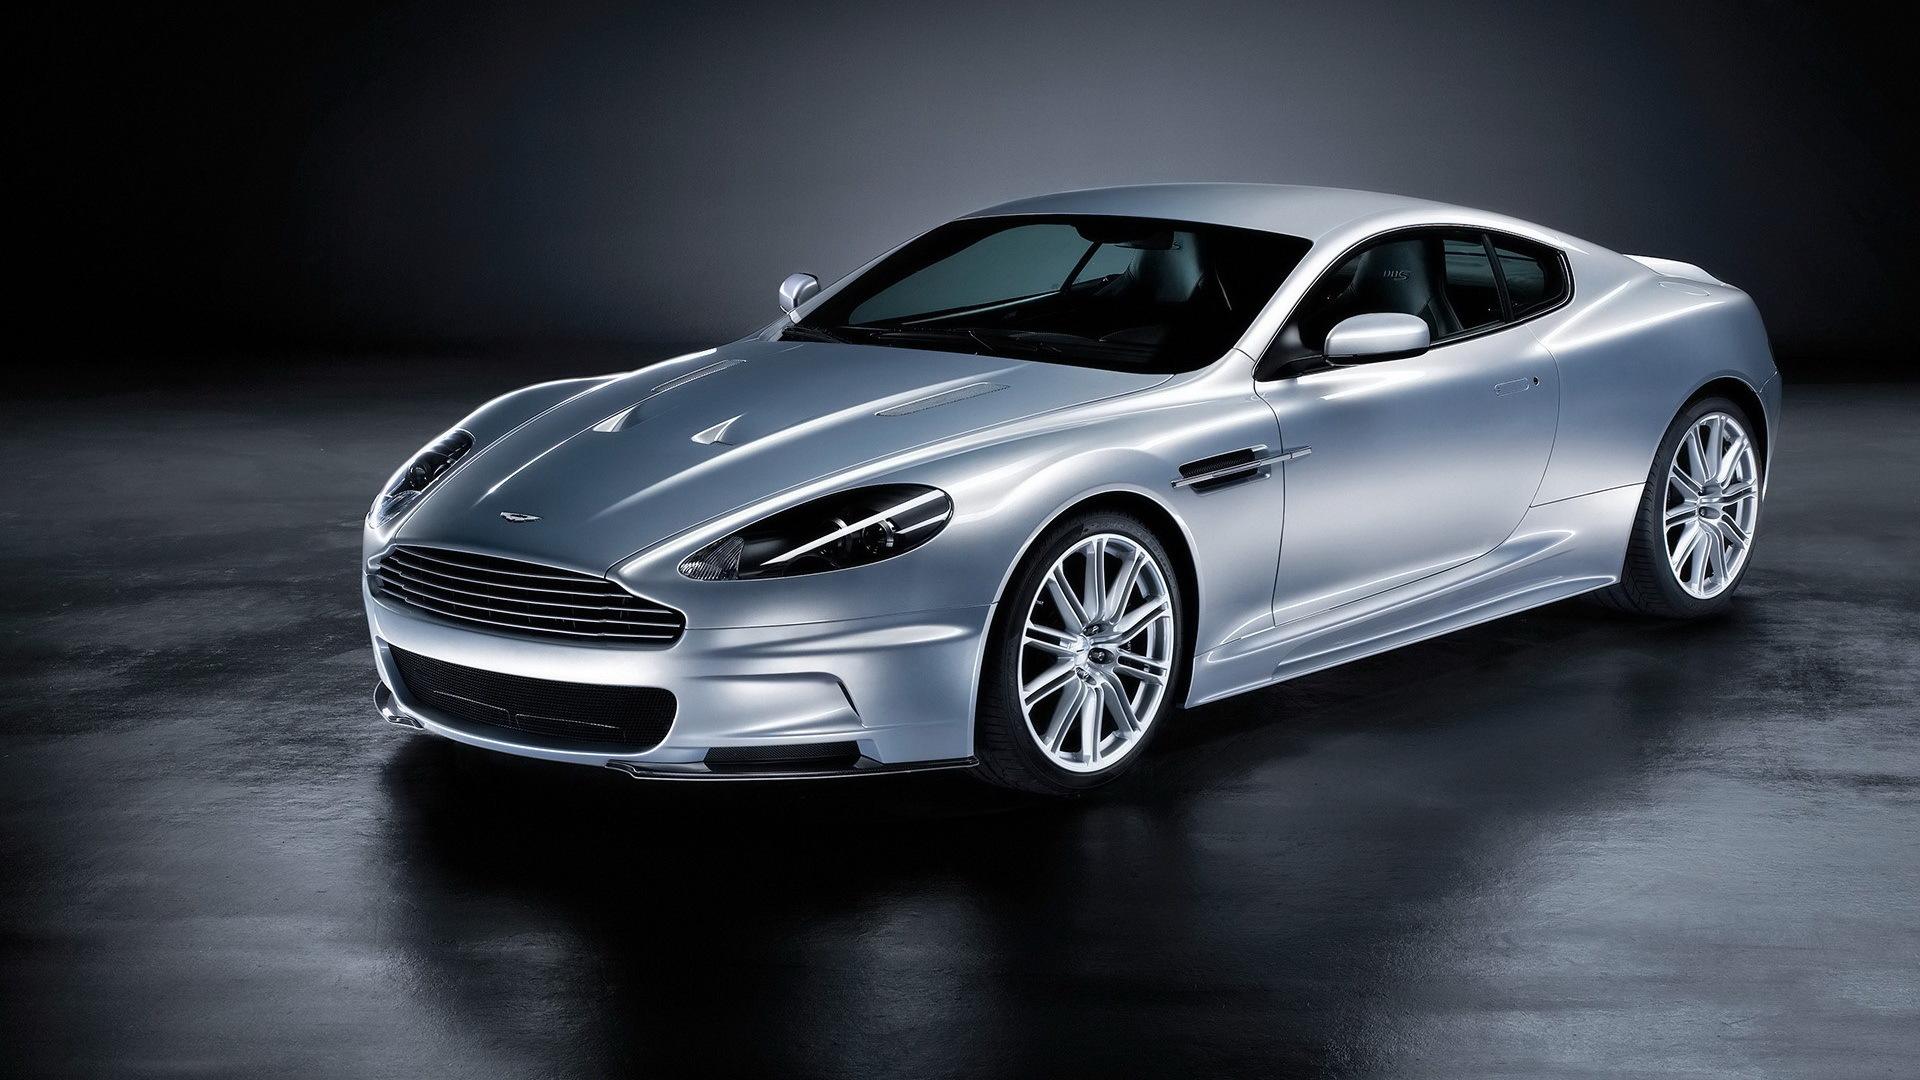 31202 скачать обои Транспорт, Машины, Астон Мартин (Aston Martin) - заставки и картинки бесплатно